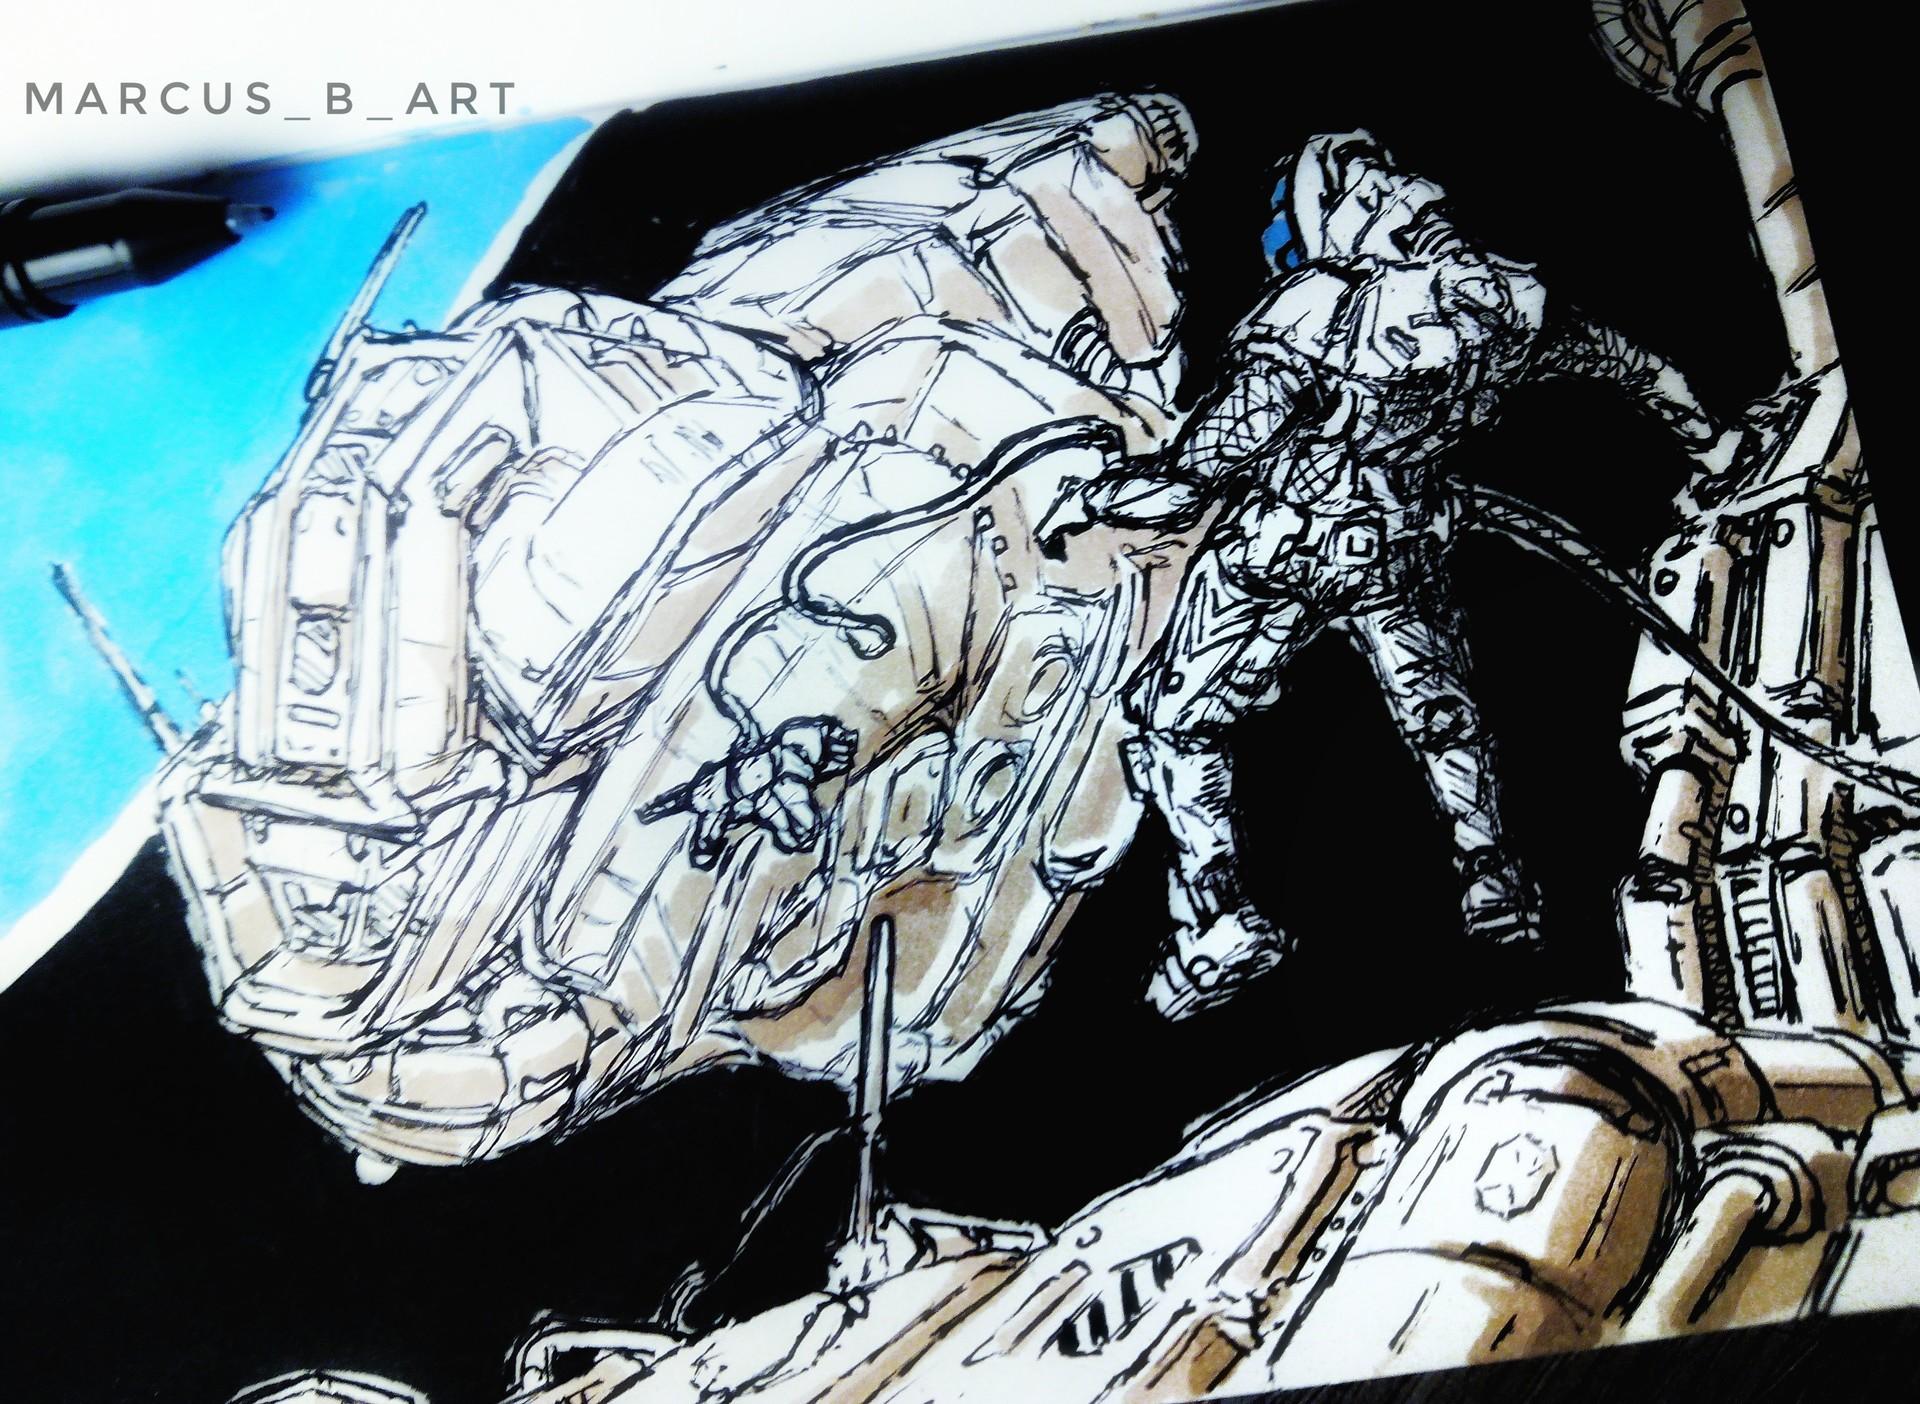 ArtStation - SPACESHIPS PEN SKETCHES , Marcos Barrios Muñoz